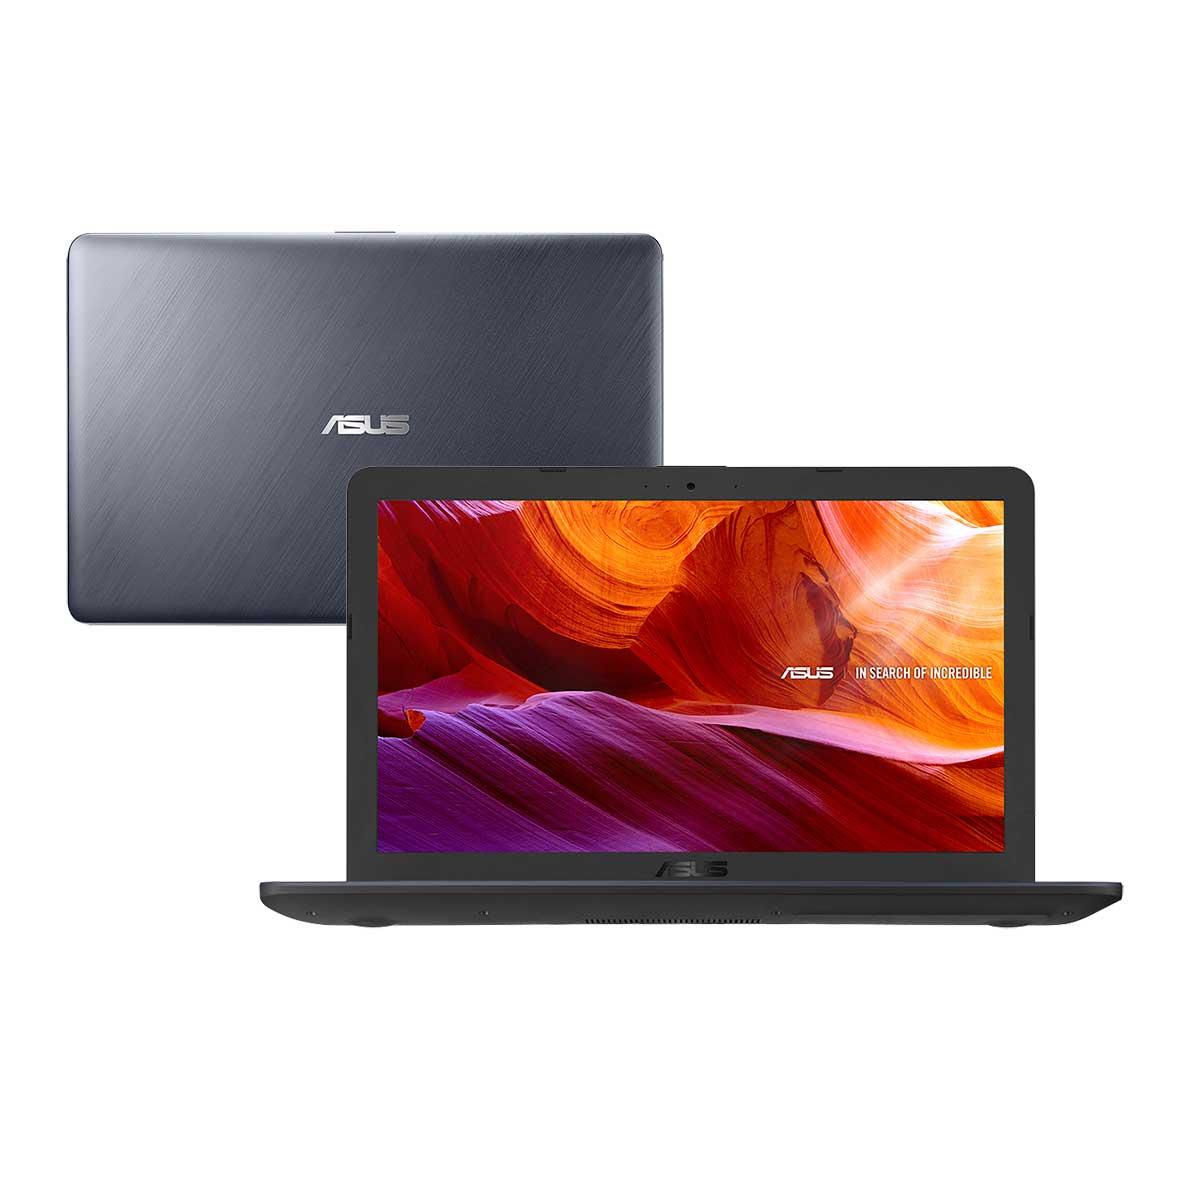 Imagem de Notebook Asus Intel Core I5 6200u 4gb Ram 256gb Hd 15.6